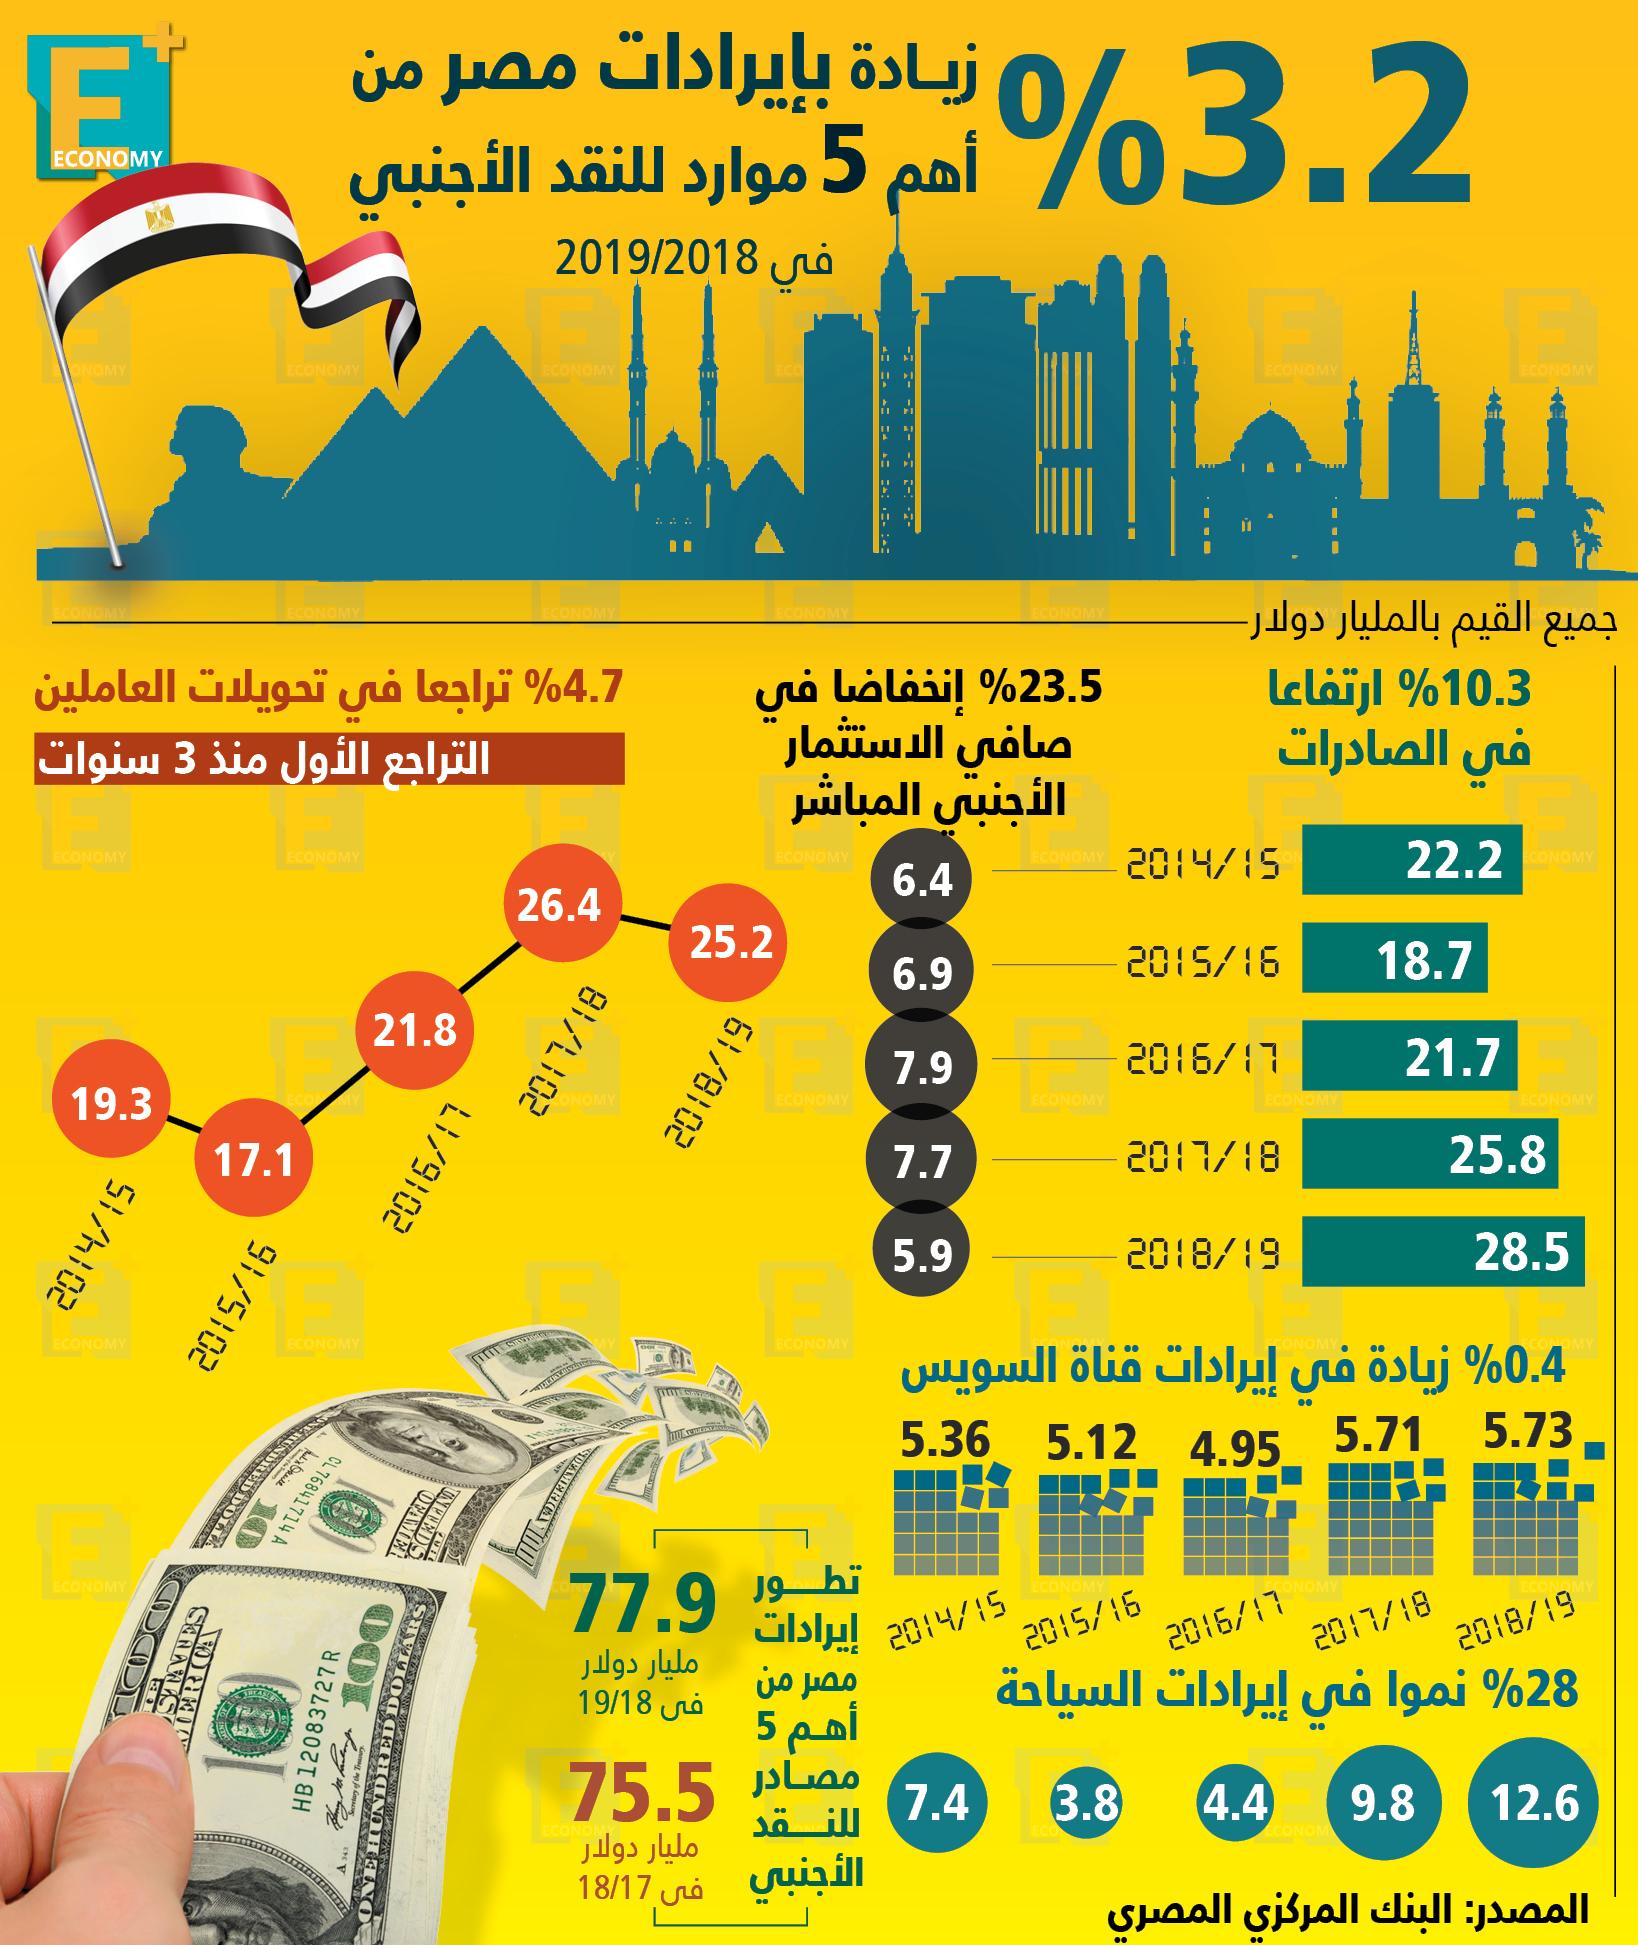 تطور إيرادات مصر من النقد الأجنبي وأهم مصادرها